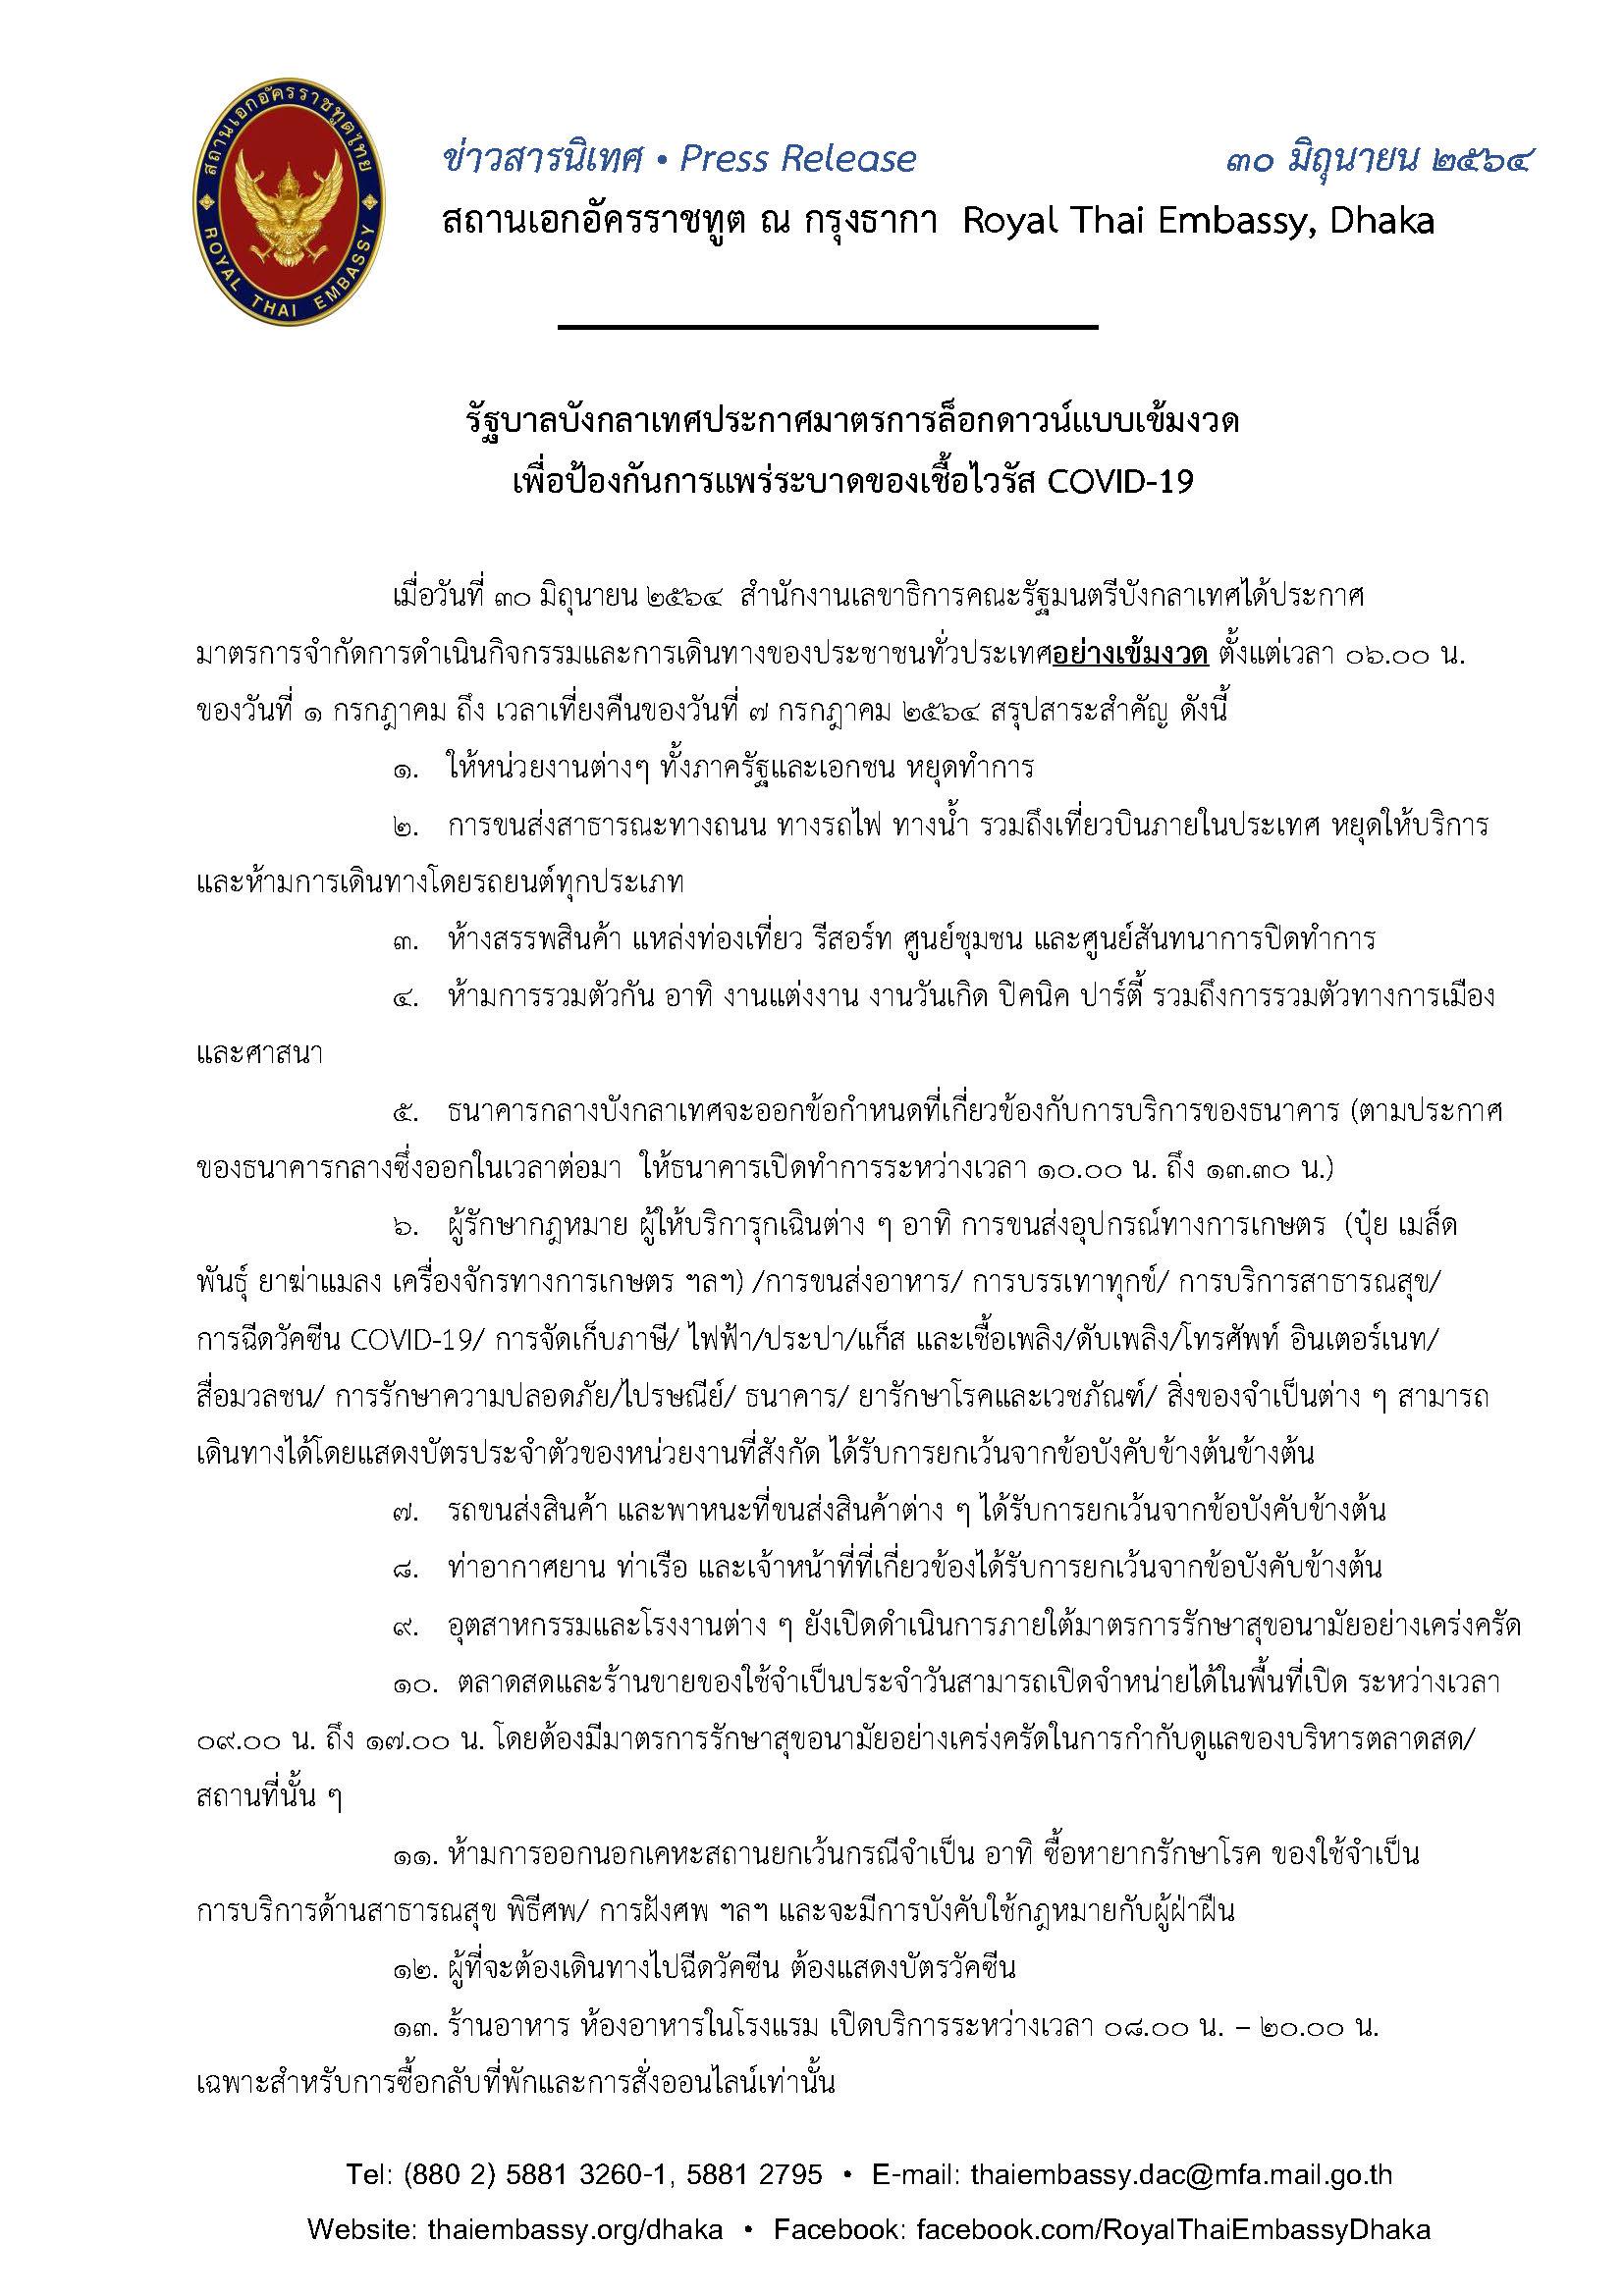 ข่าวสารนิเทศ_30_มิ.ย._2564_Page_1